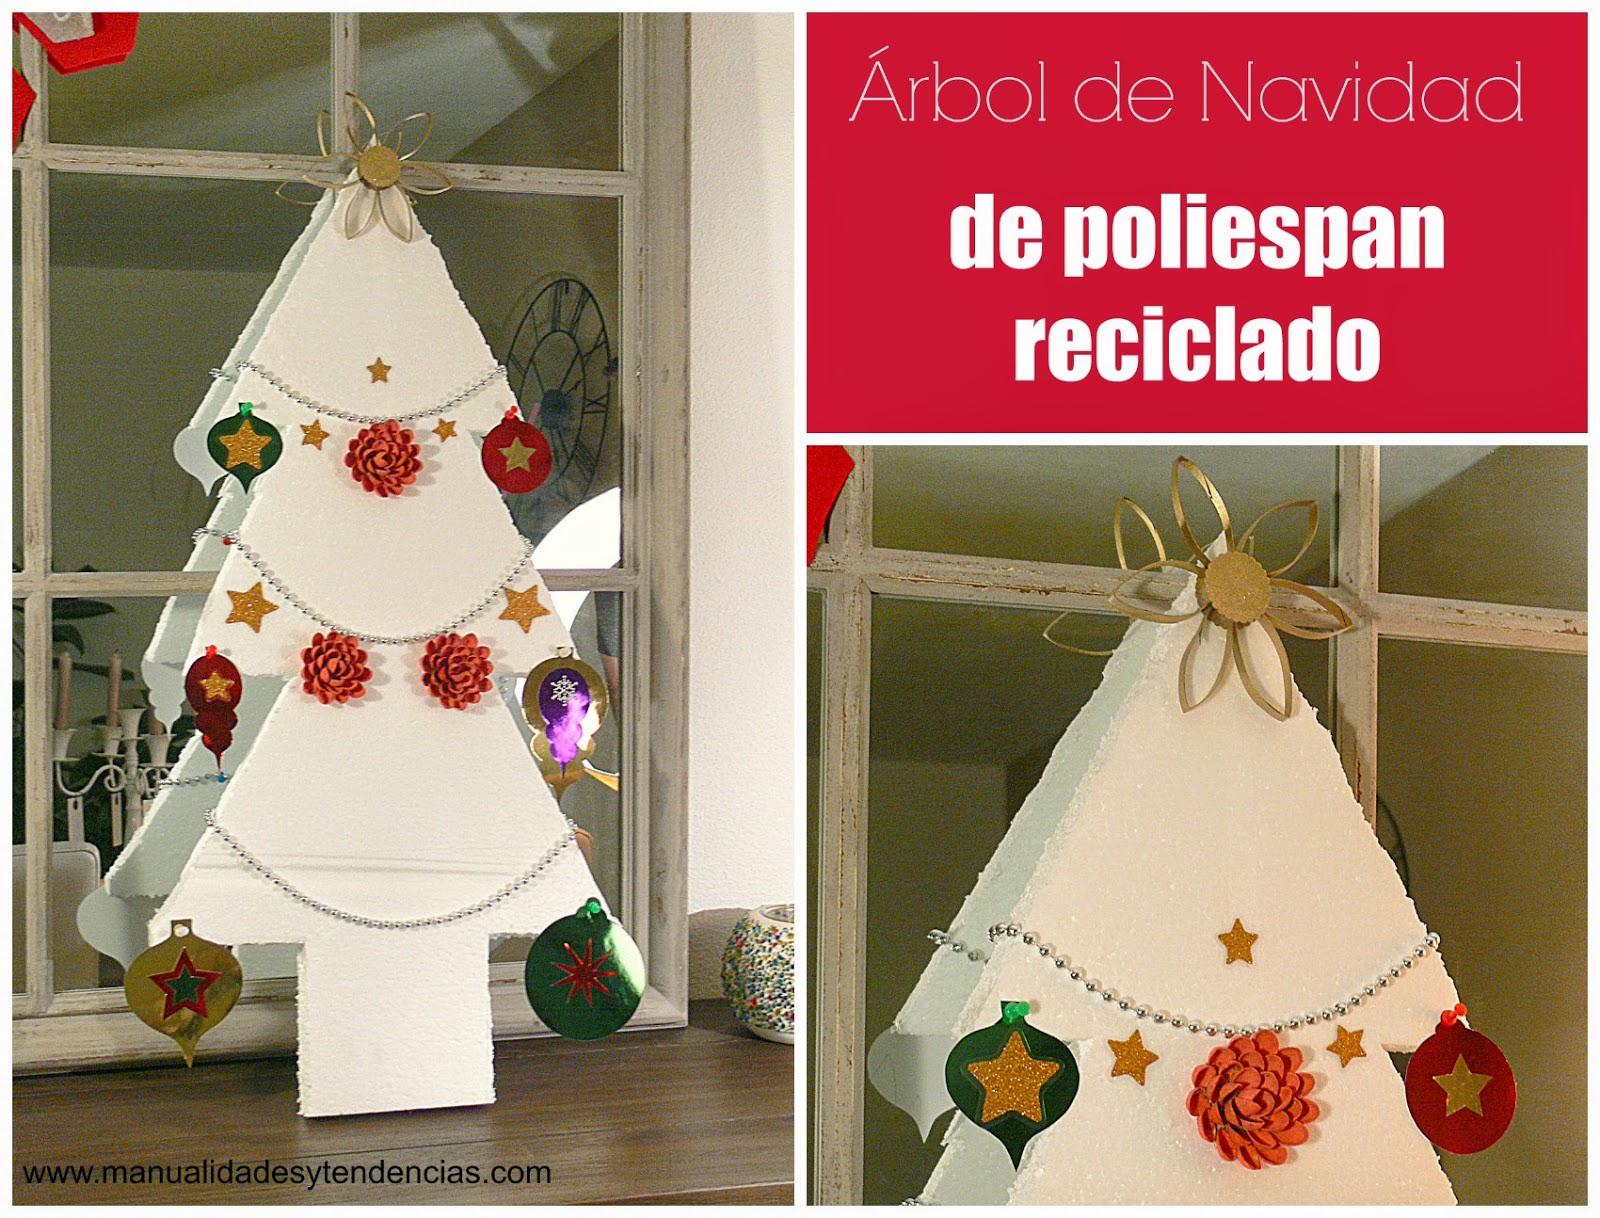 Manualidades y tendencias rbol de navidad reciclado - Arbol de navidad infantil ...